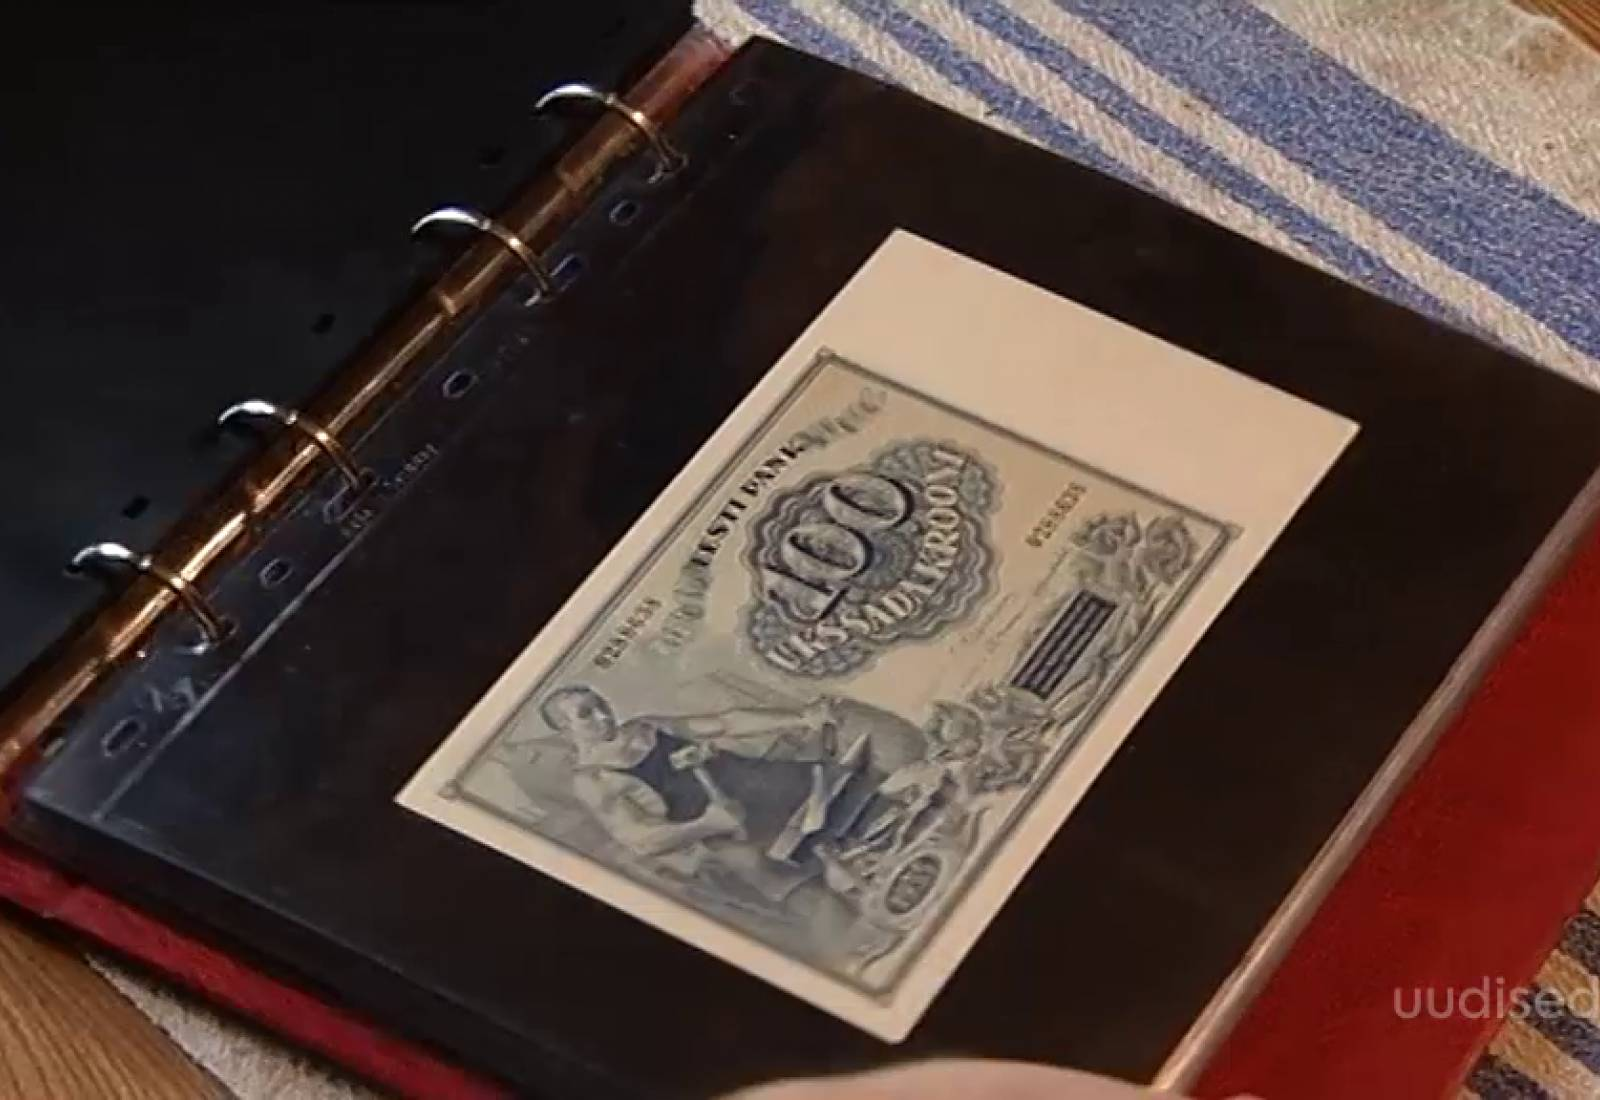 Video! Suurepärane kollektsioon annab paberrahade ajaloost põhjaliku ülevaate